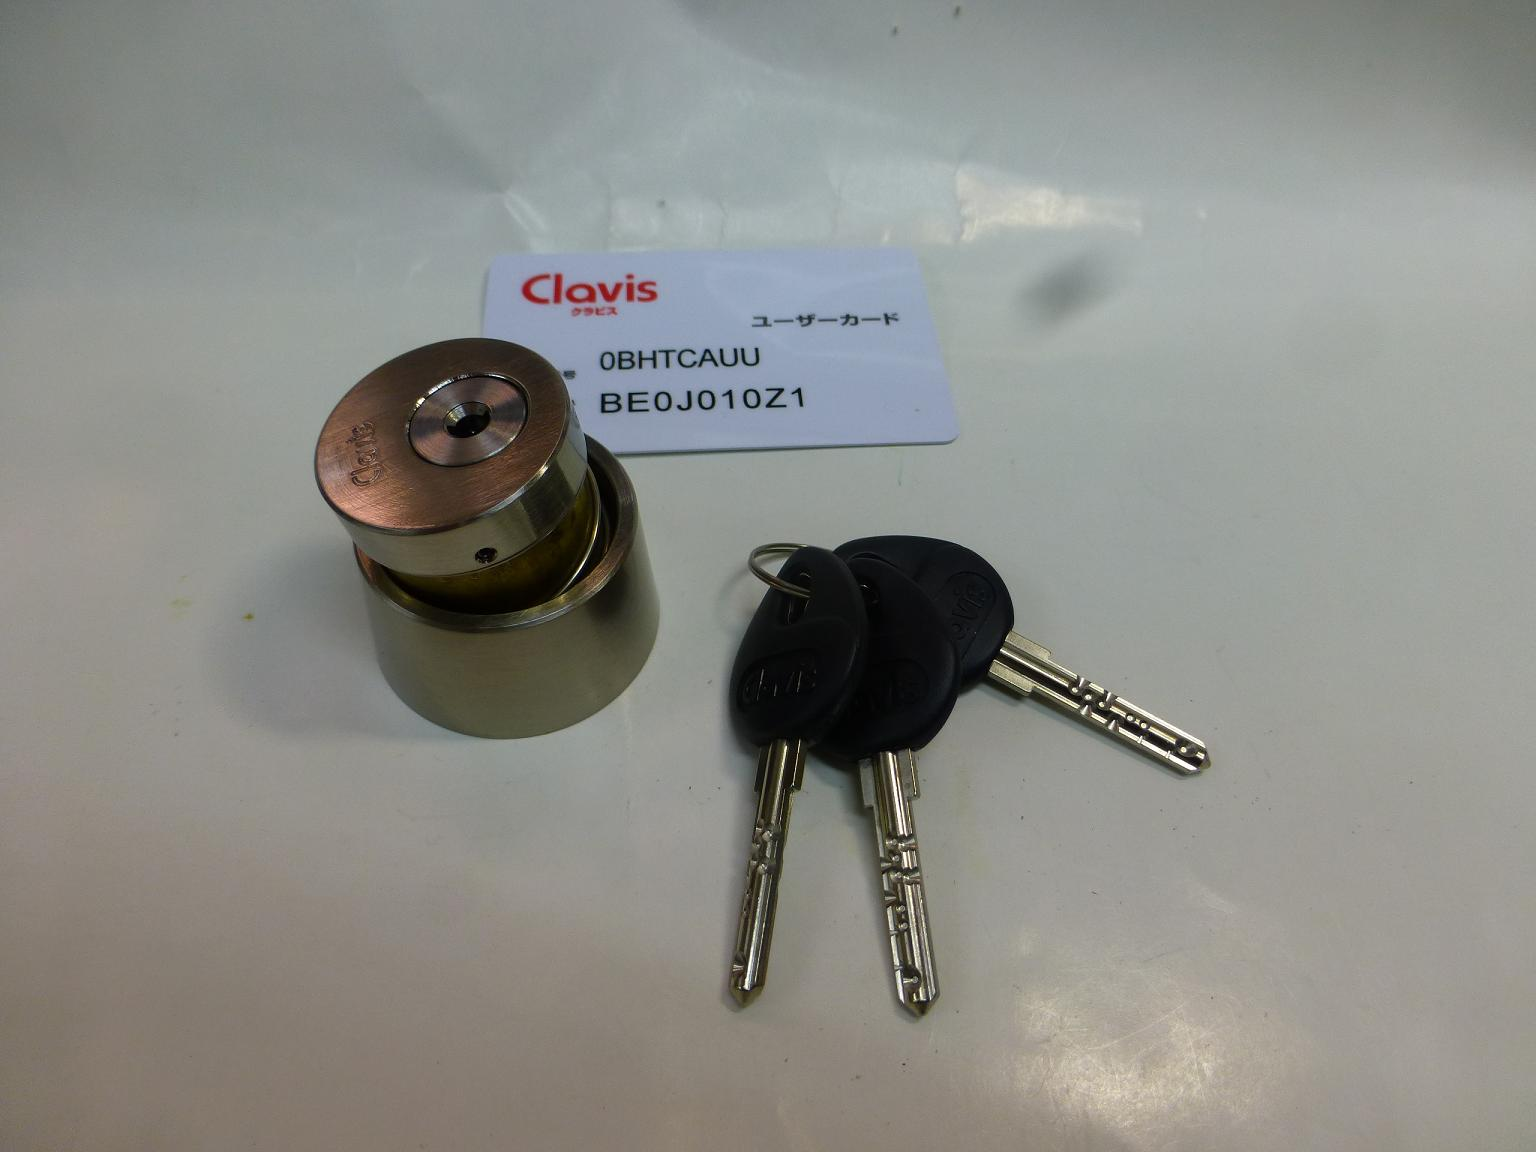 Clavis(クラビス)GOAL交換シリンダー用F22LLX 鍵は3本です。